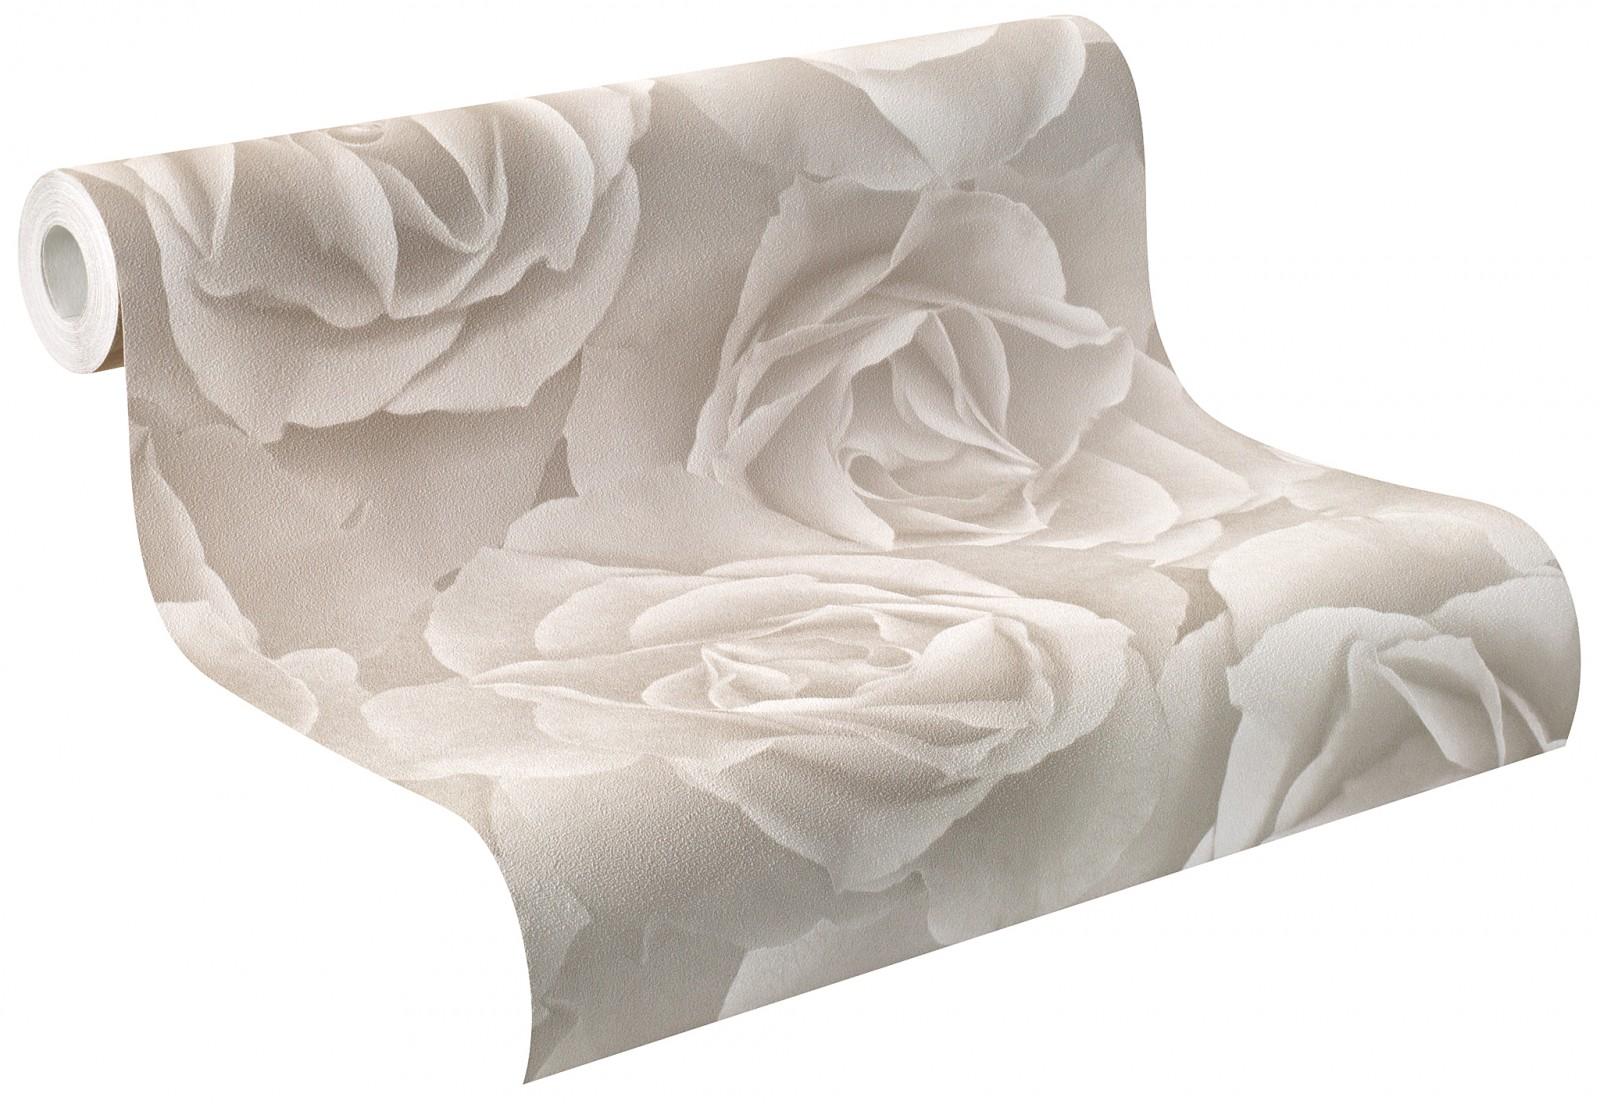 Rosé Grau Weiß: Tapete Rasch Crispy Paper Rose Grau Weiß 525601